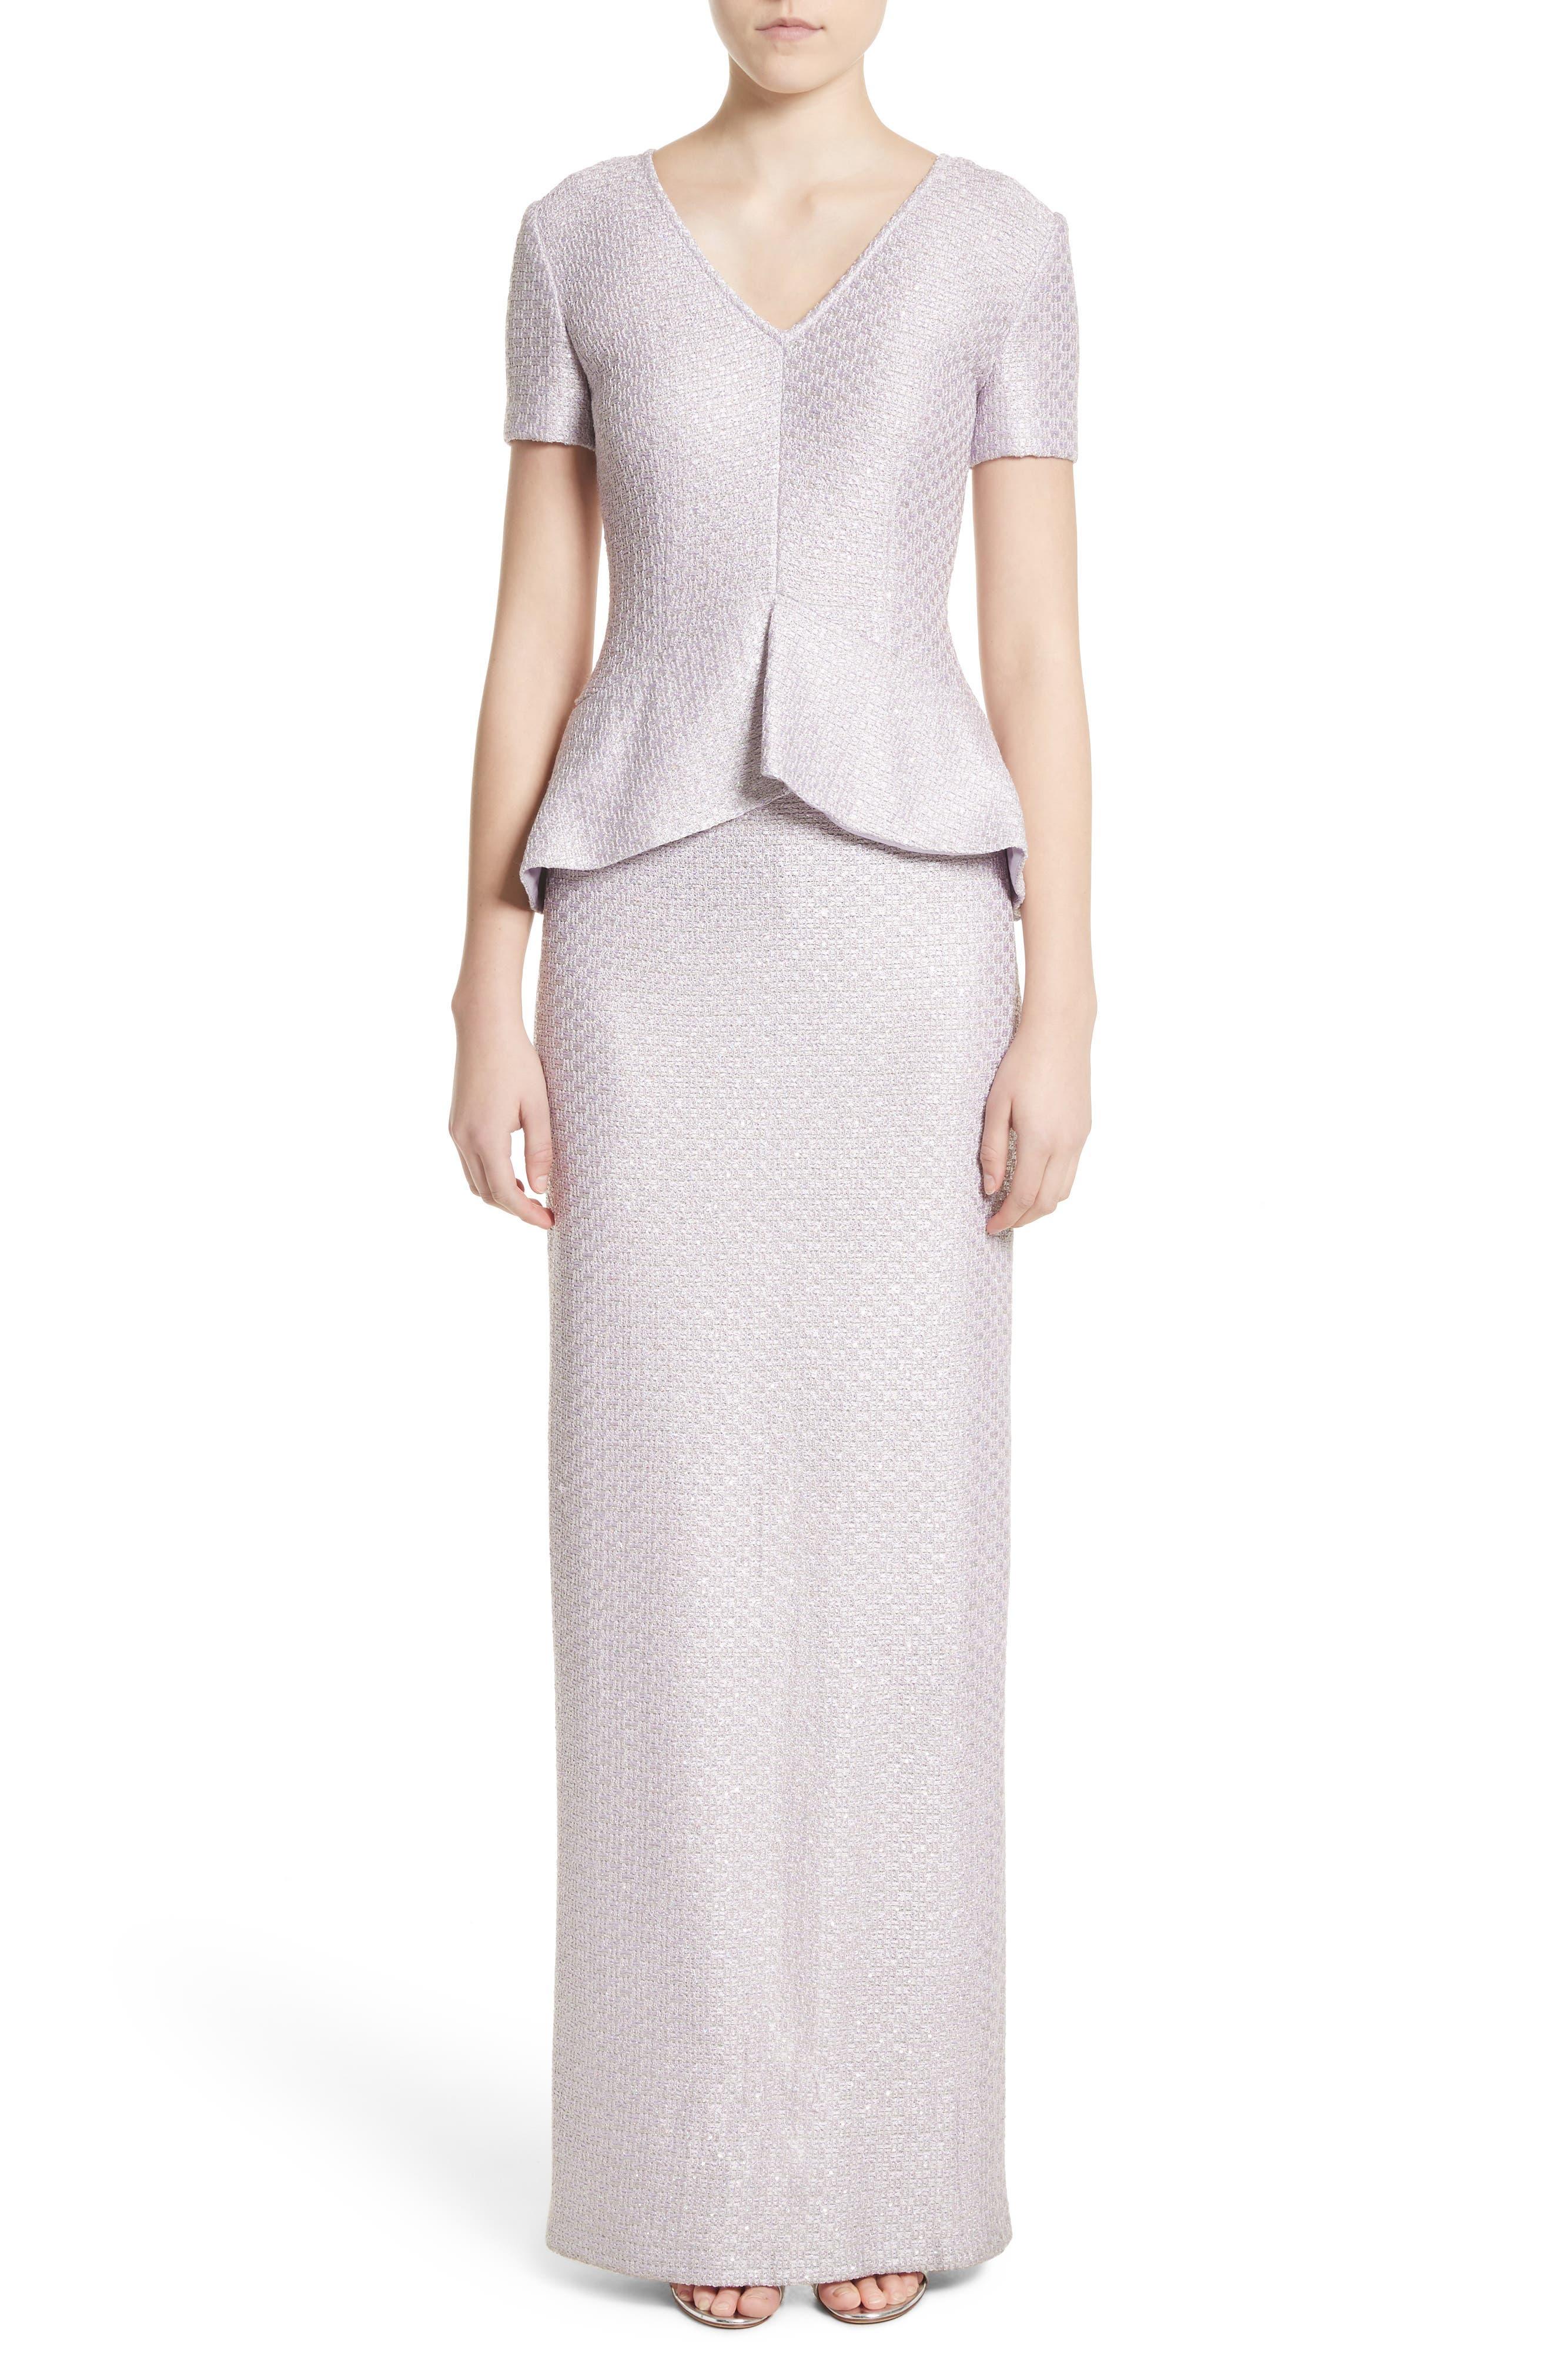 Hansh Sequin Knit Column Gown,                             Main thumbnail 1, color,